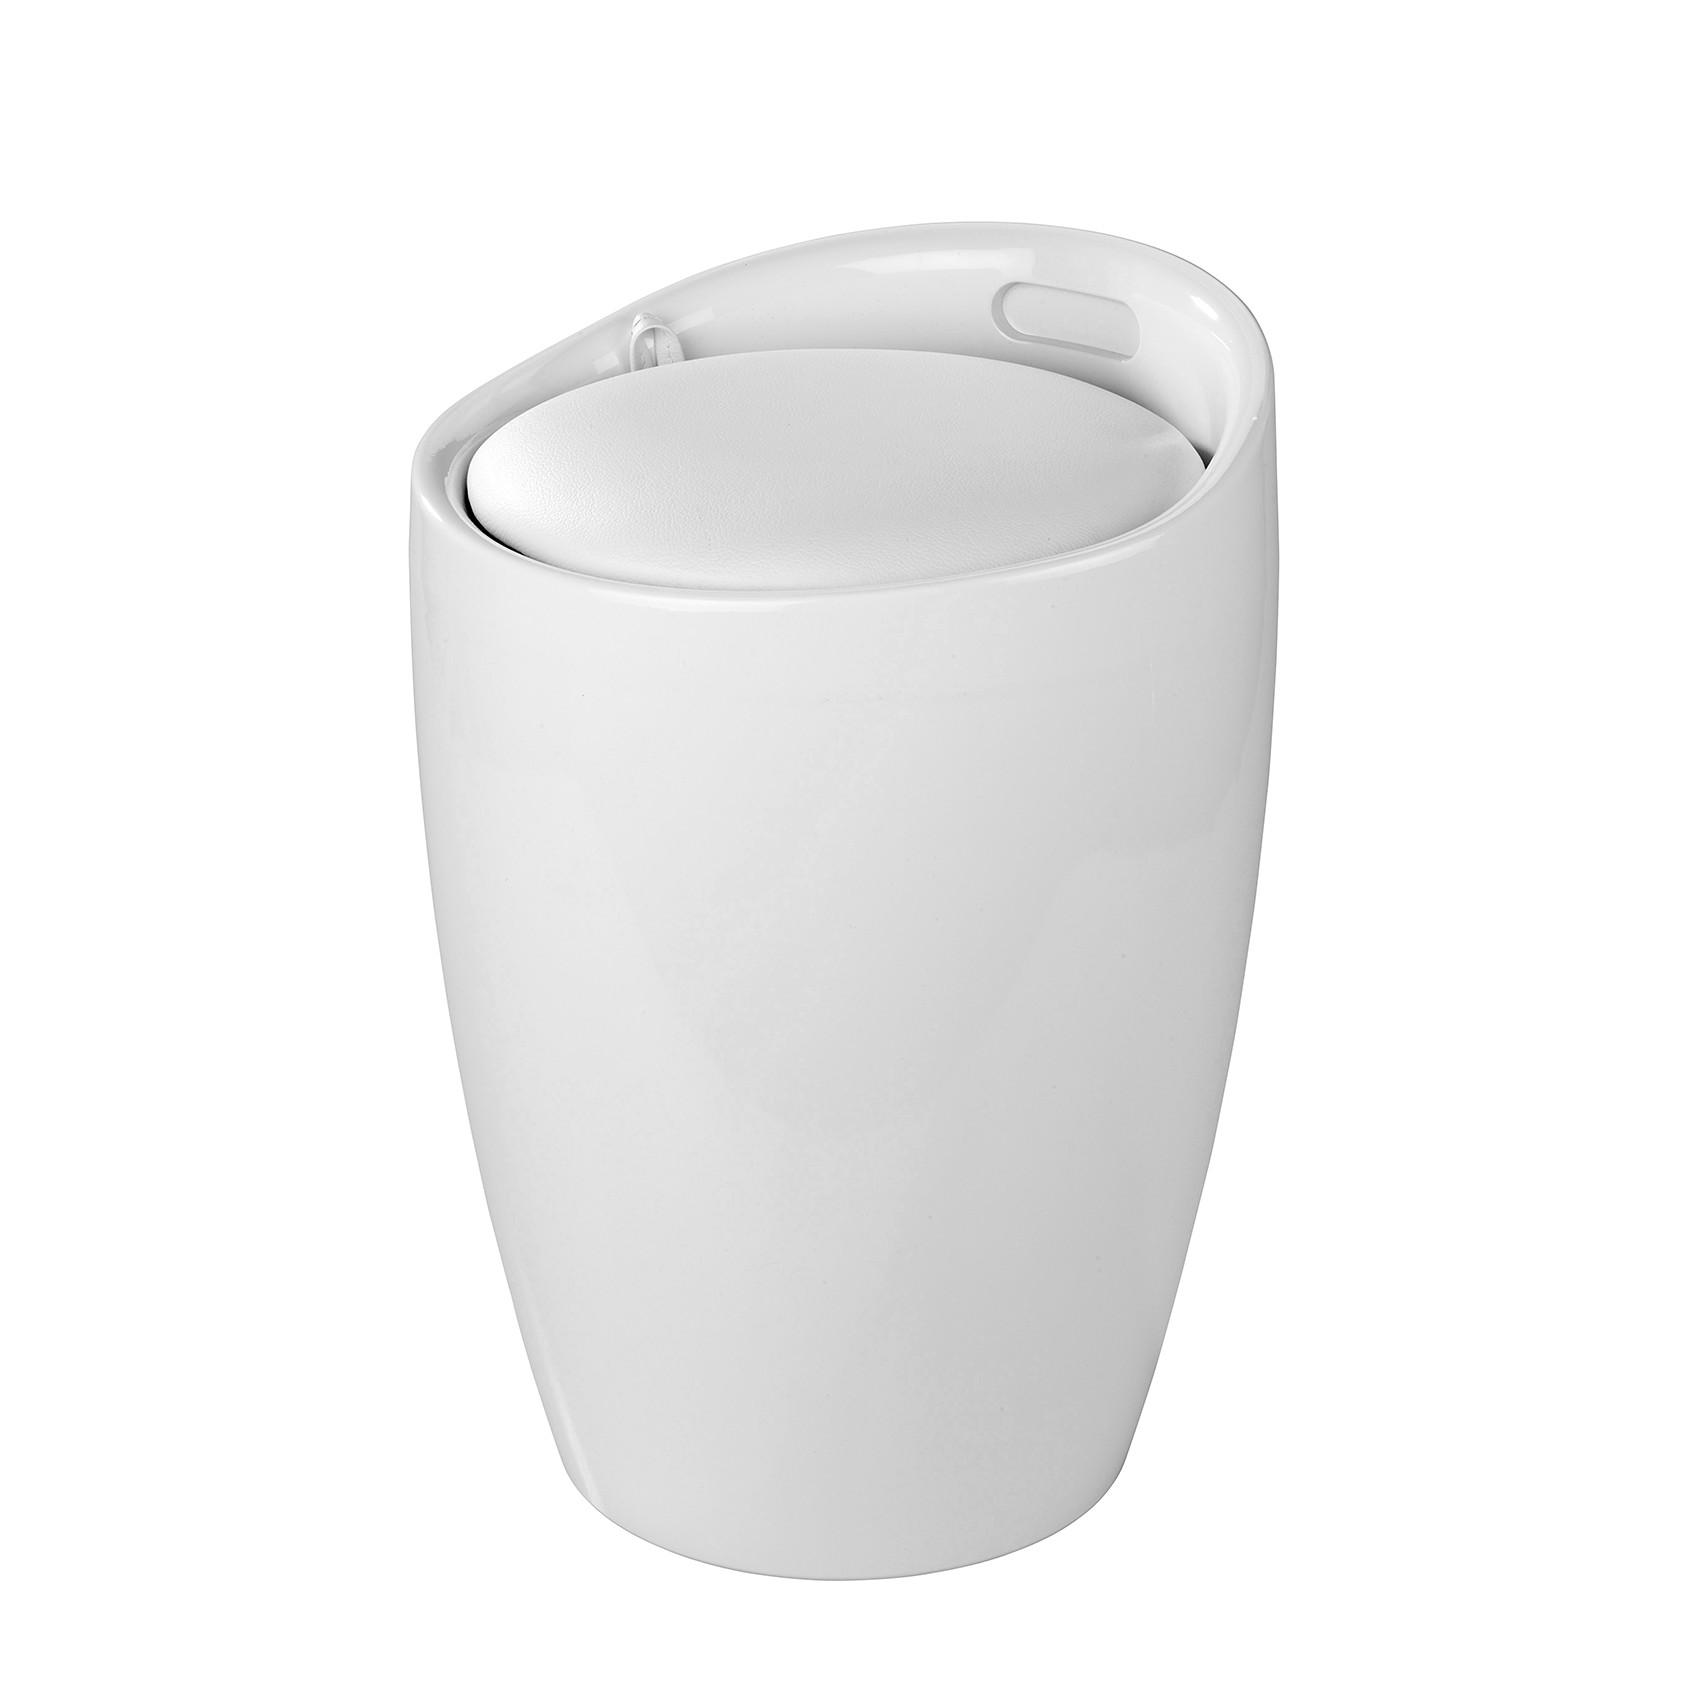 Wäschehocker Candy - Weiß, Wenko